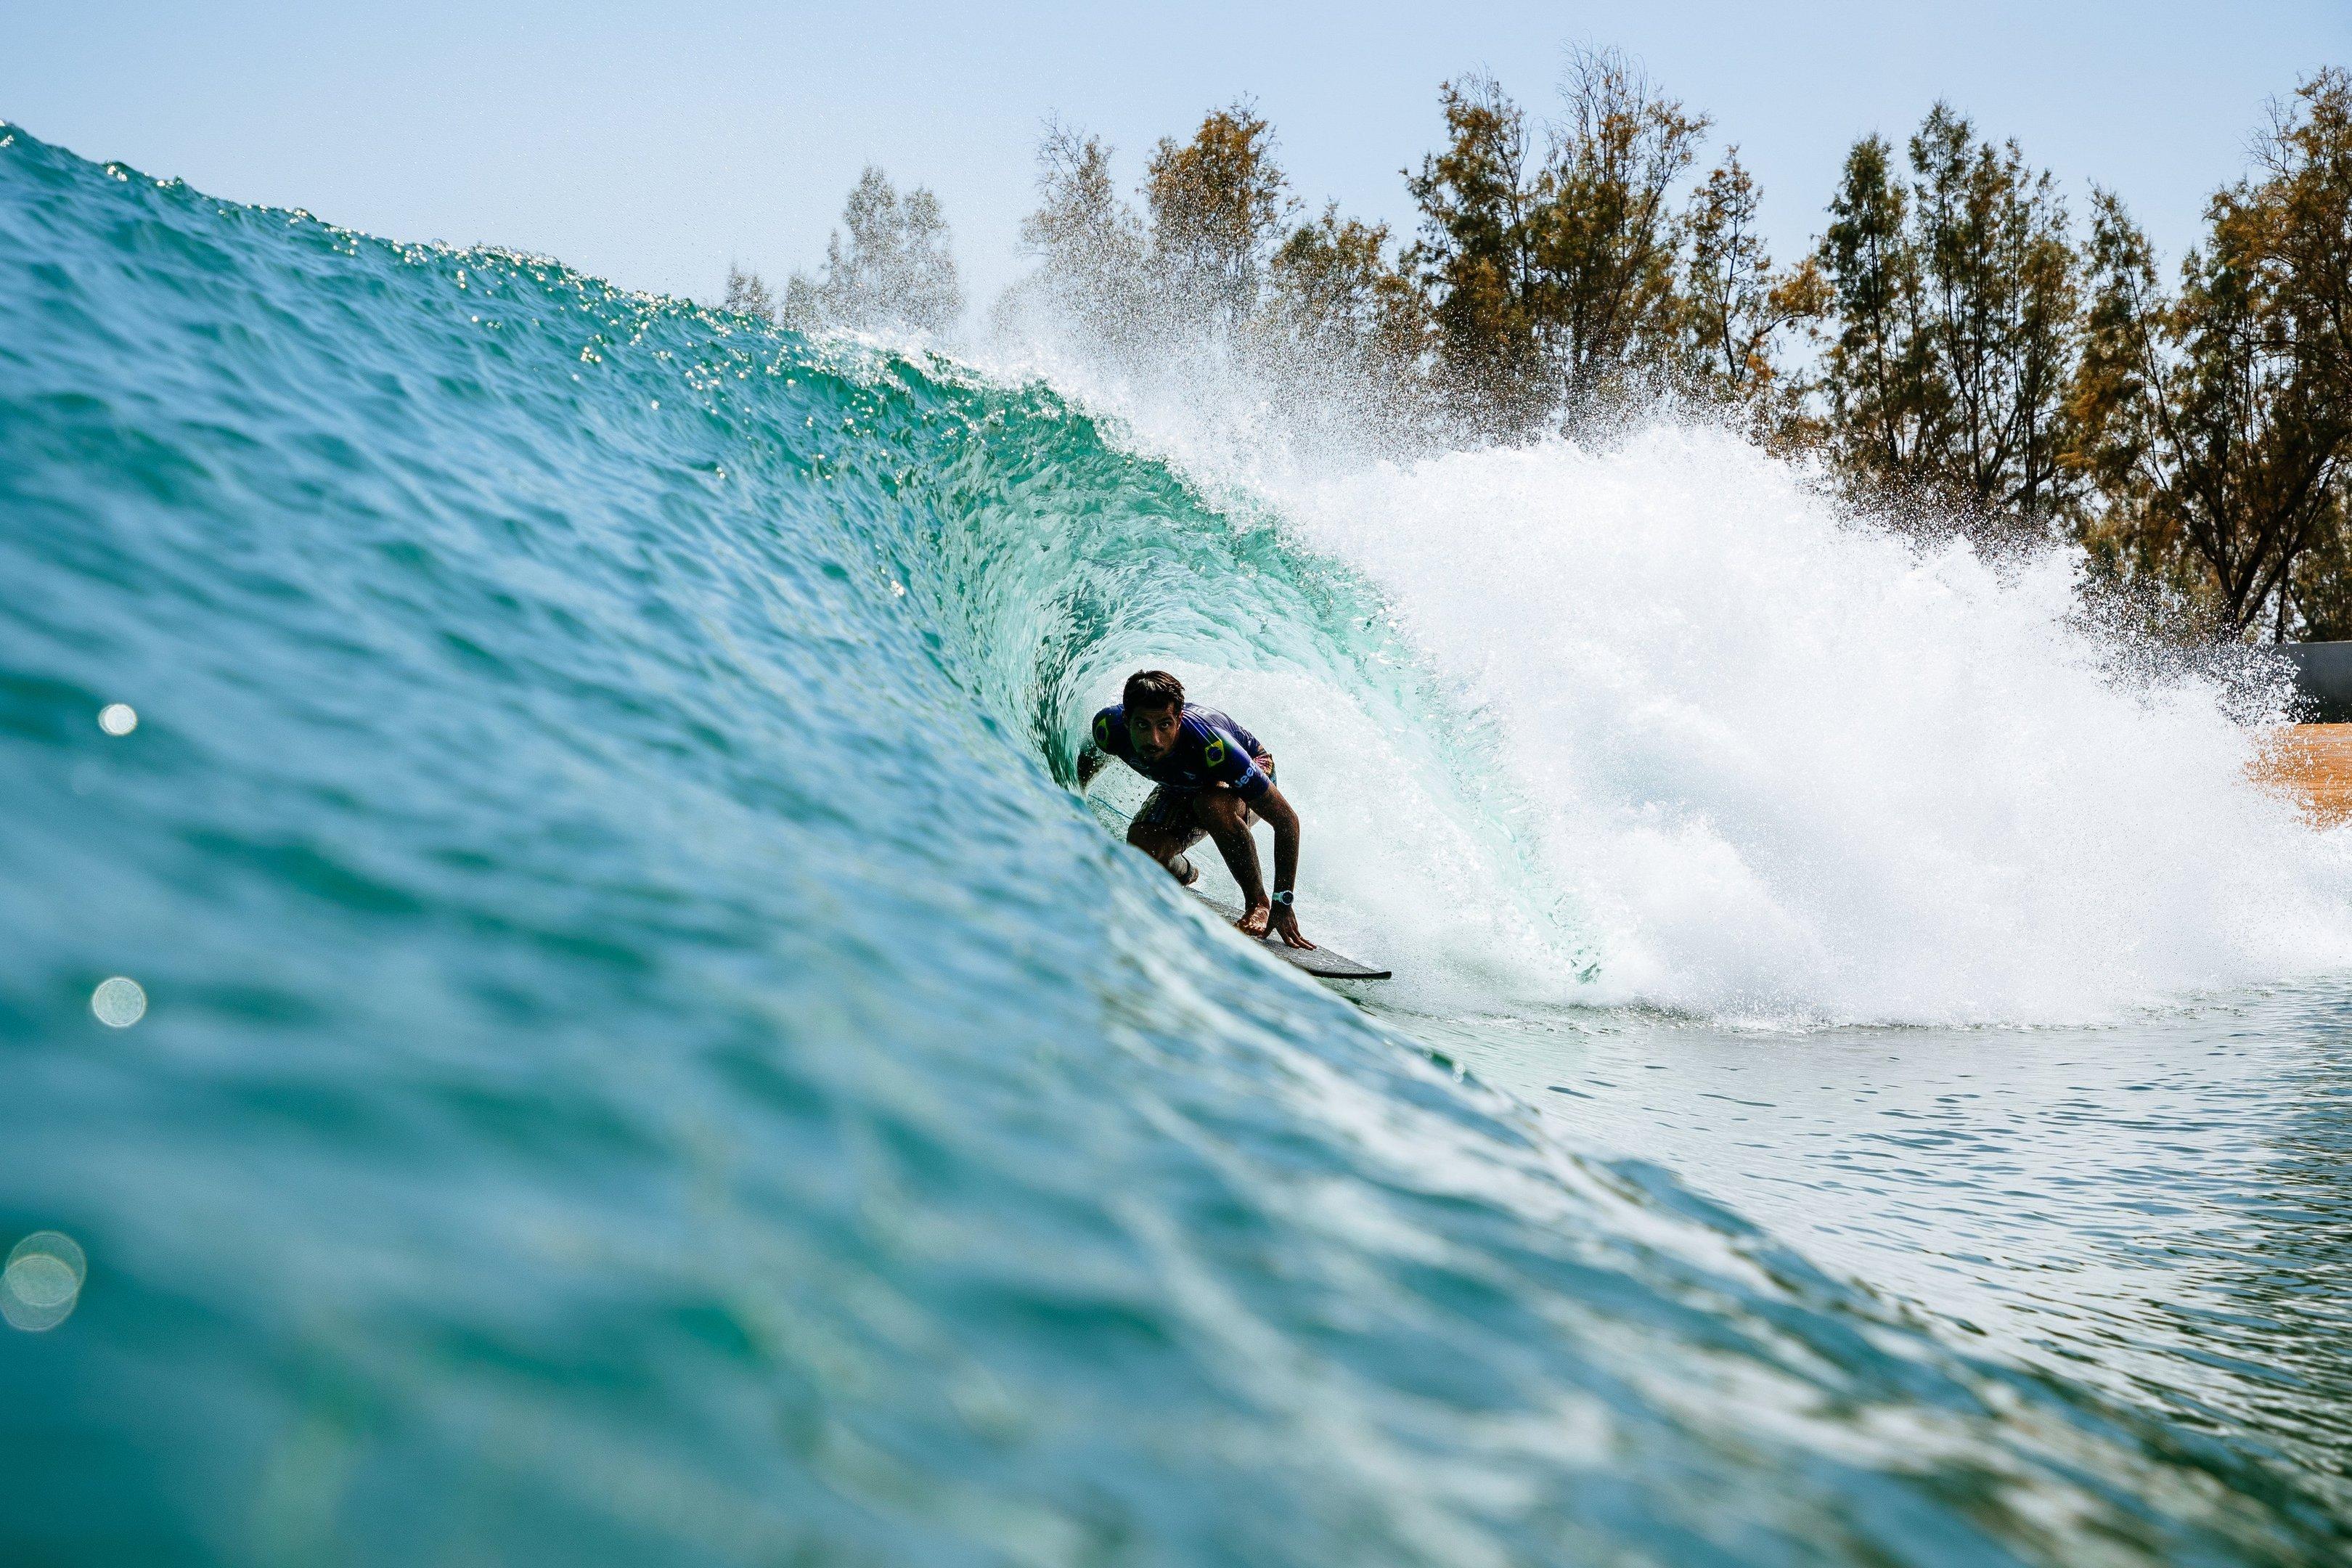 Mundial de Surfe 2021 terá pódio brasileiro com Ítalo, Medina e Filipe